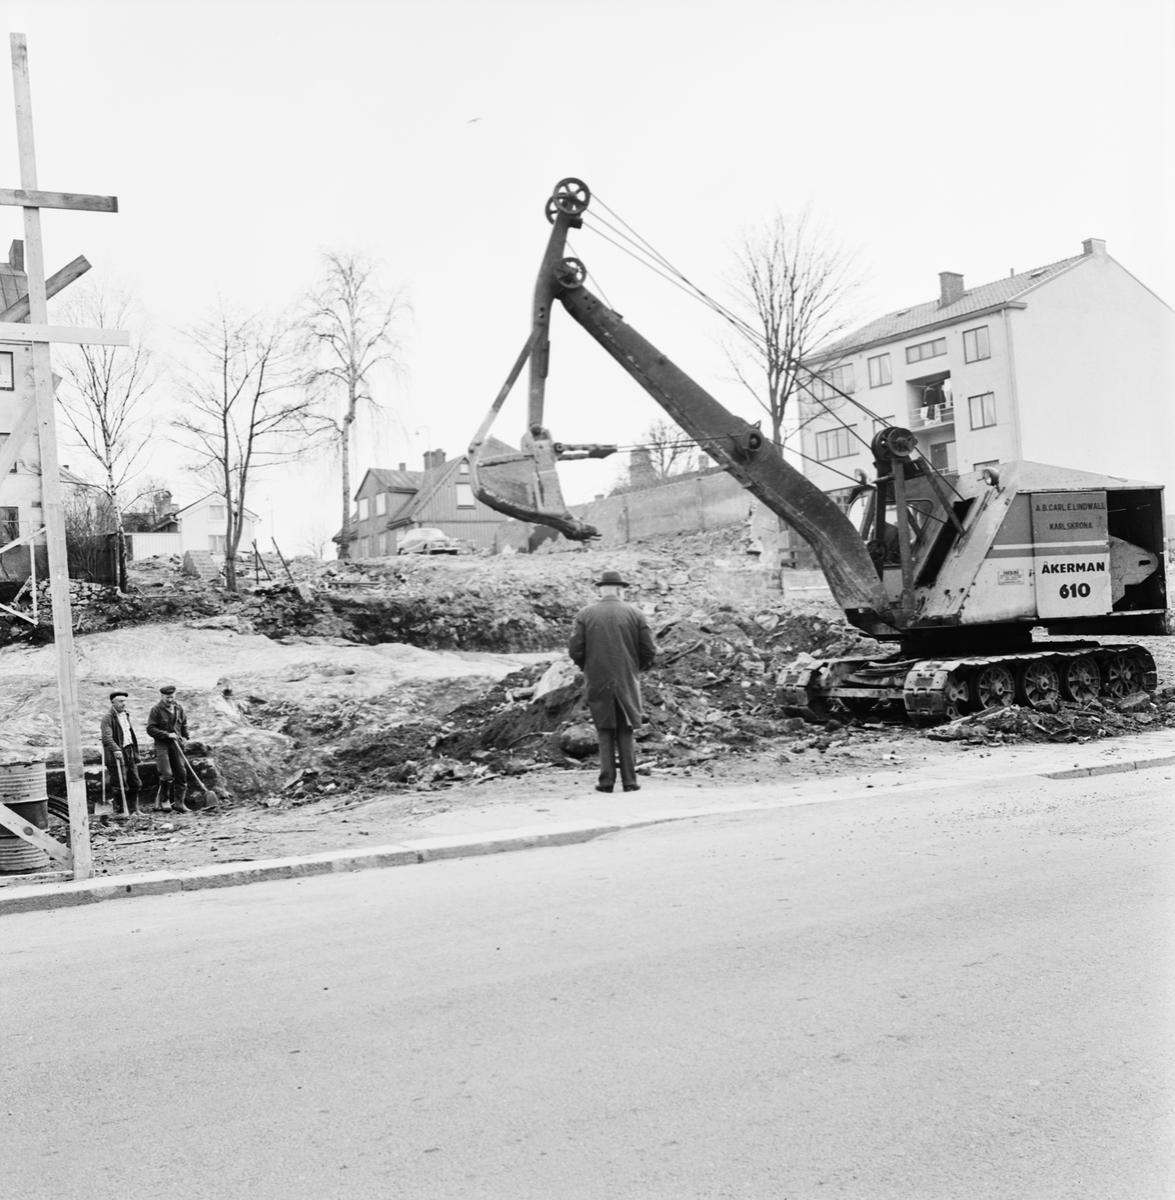 Övrigt: Foto datum: 27/4 1965 Byggnader och kranar Kvarteret pollux